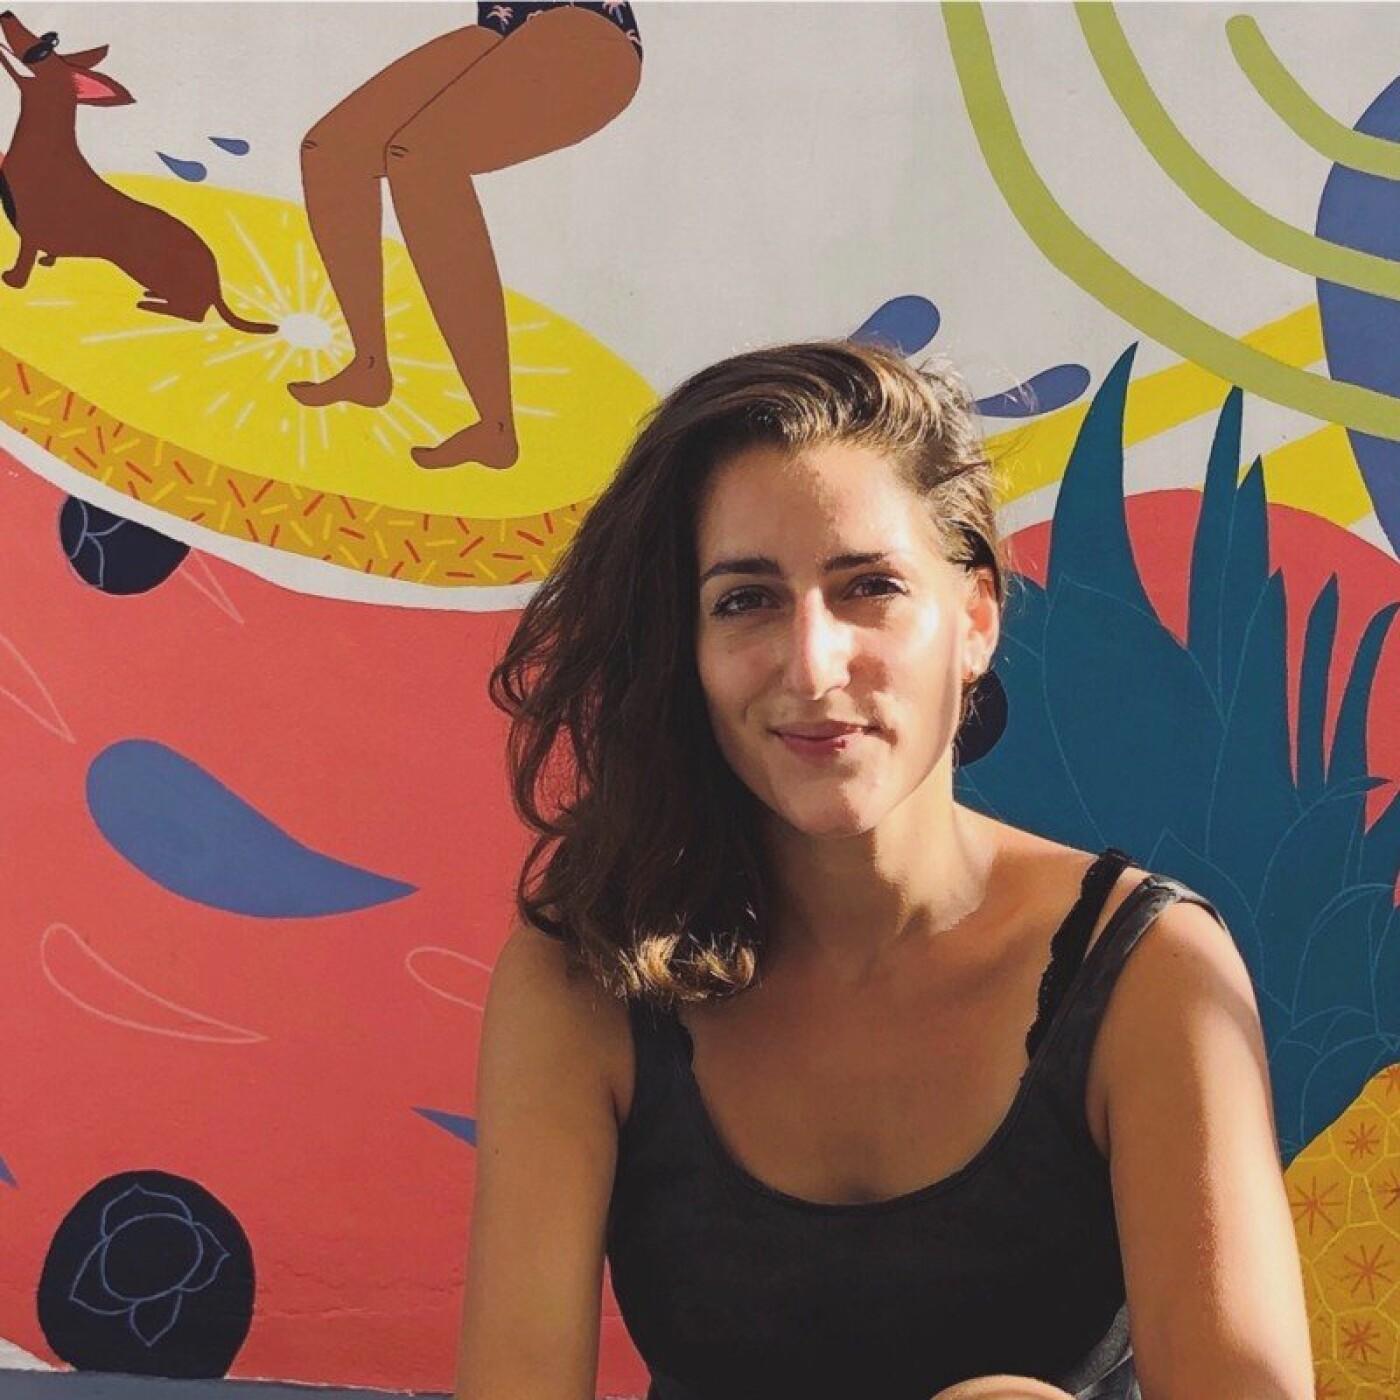 Elodie vit en nomade dans le monde, actuellement en Colombie - 21 07 2021 - StereoChic Radio